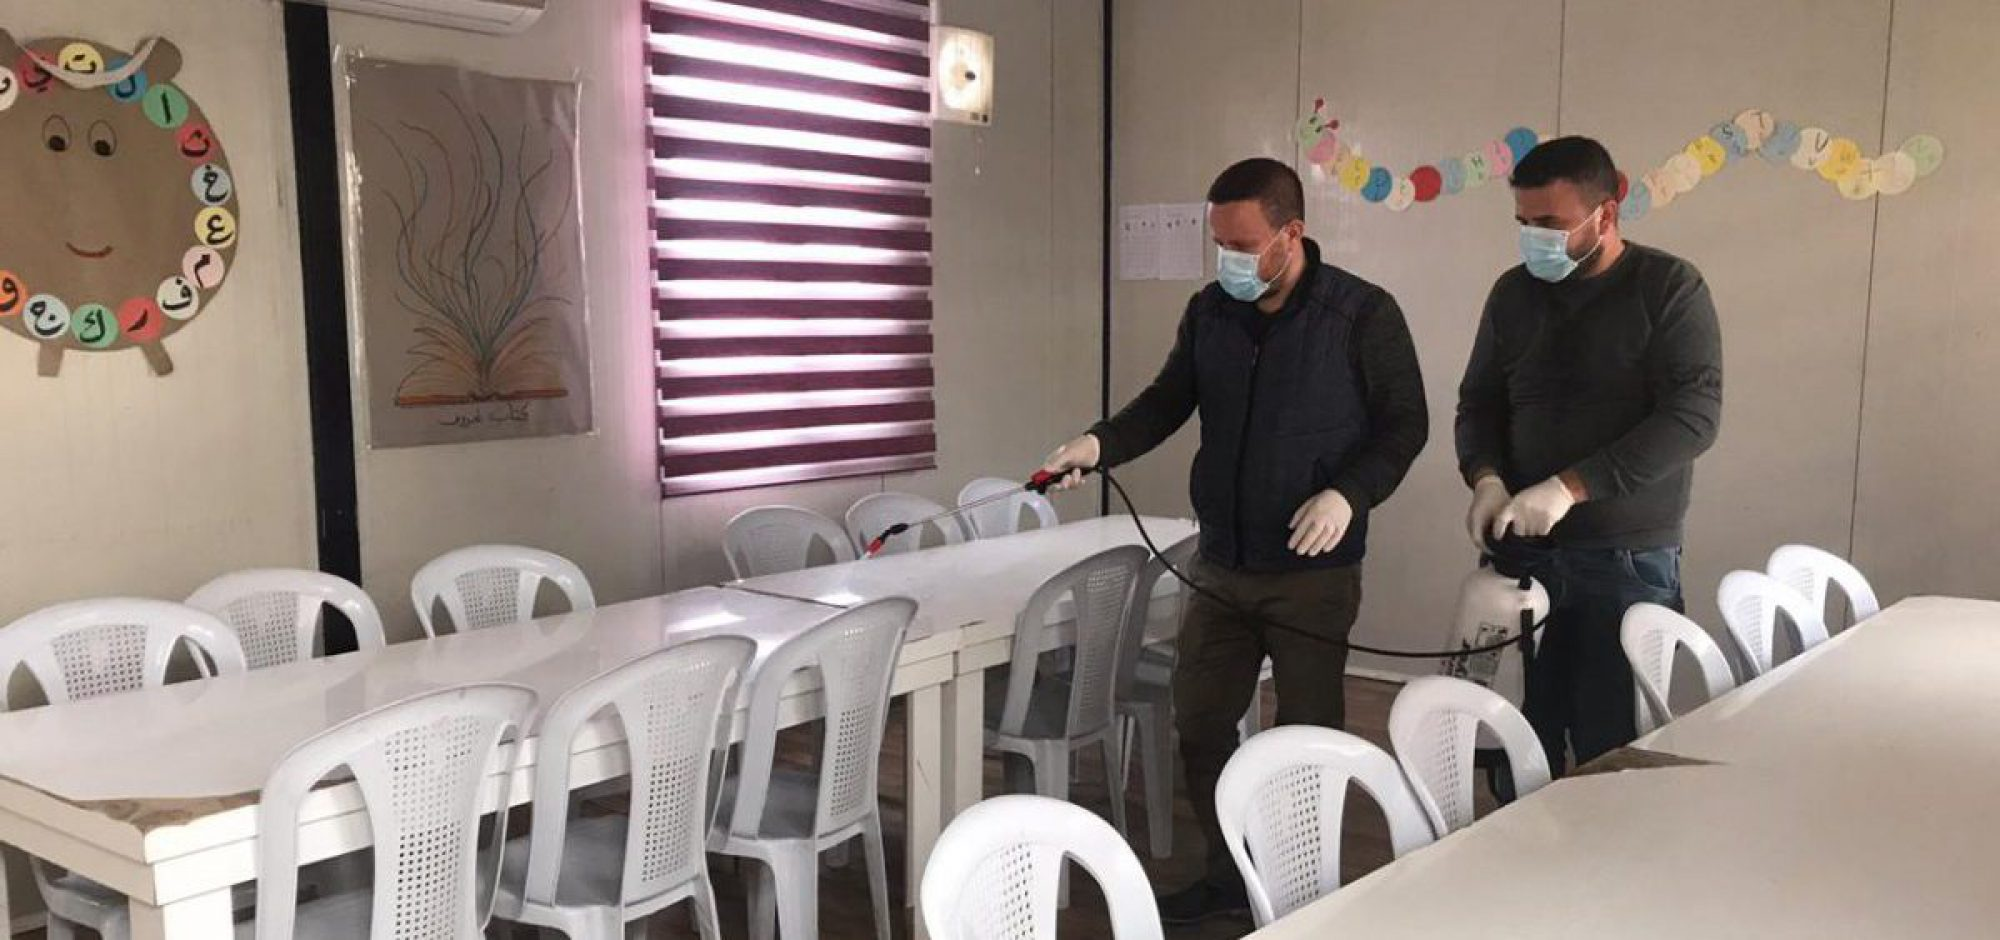 JRS staff disinfecting the community centre in Qaraqosh, Iraq.